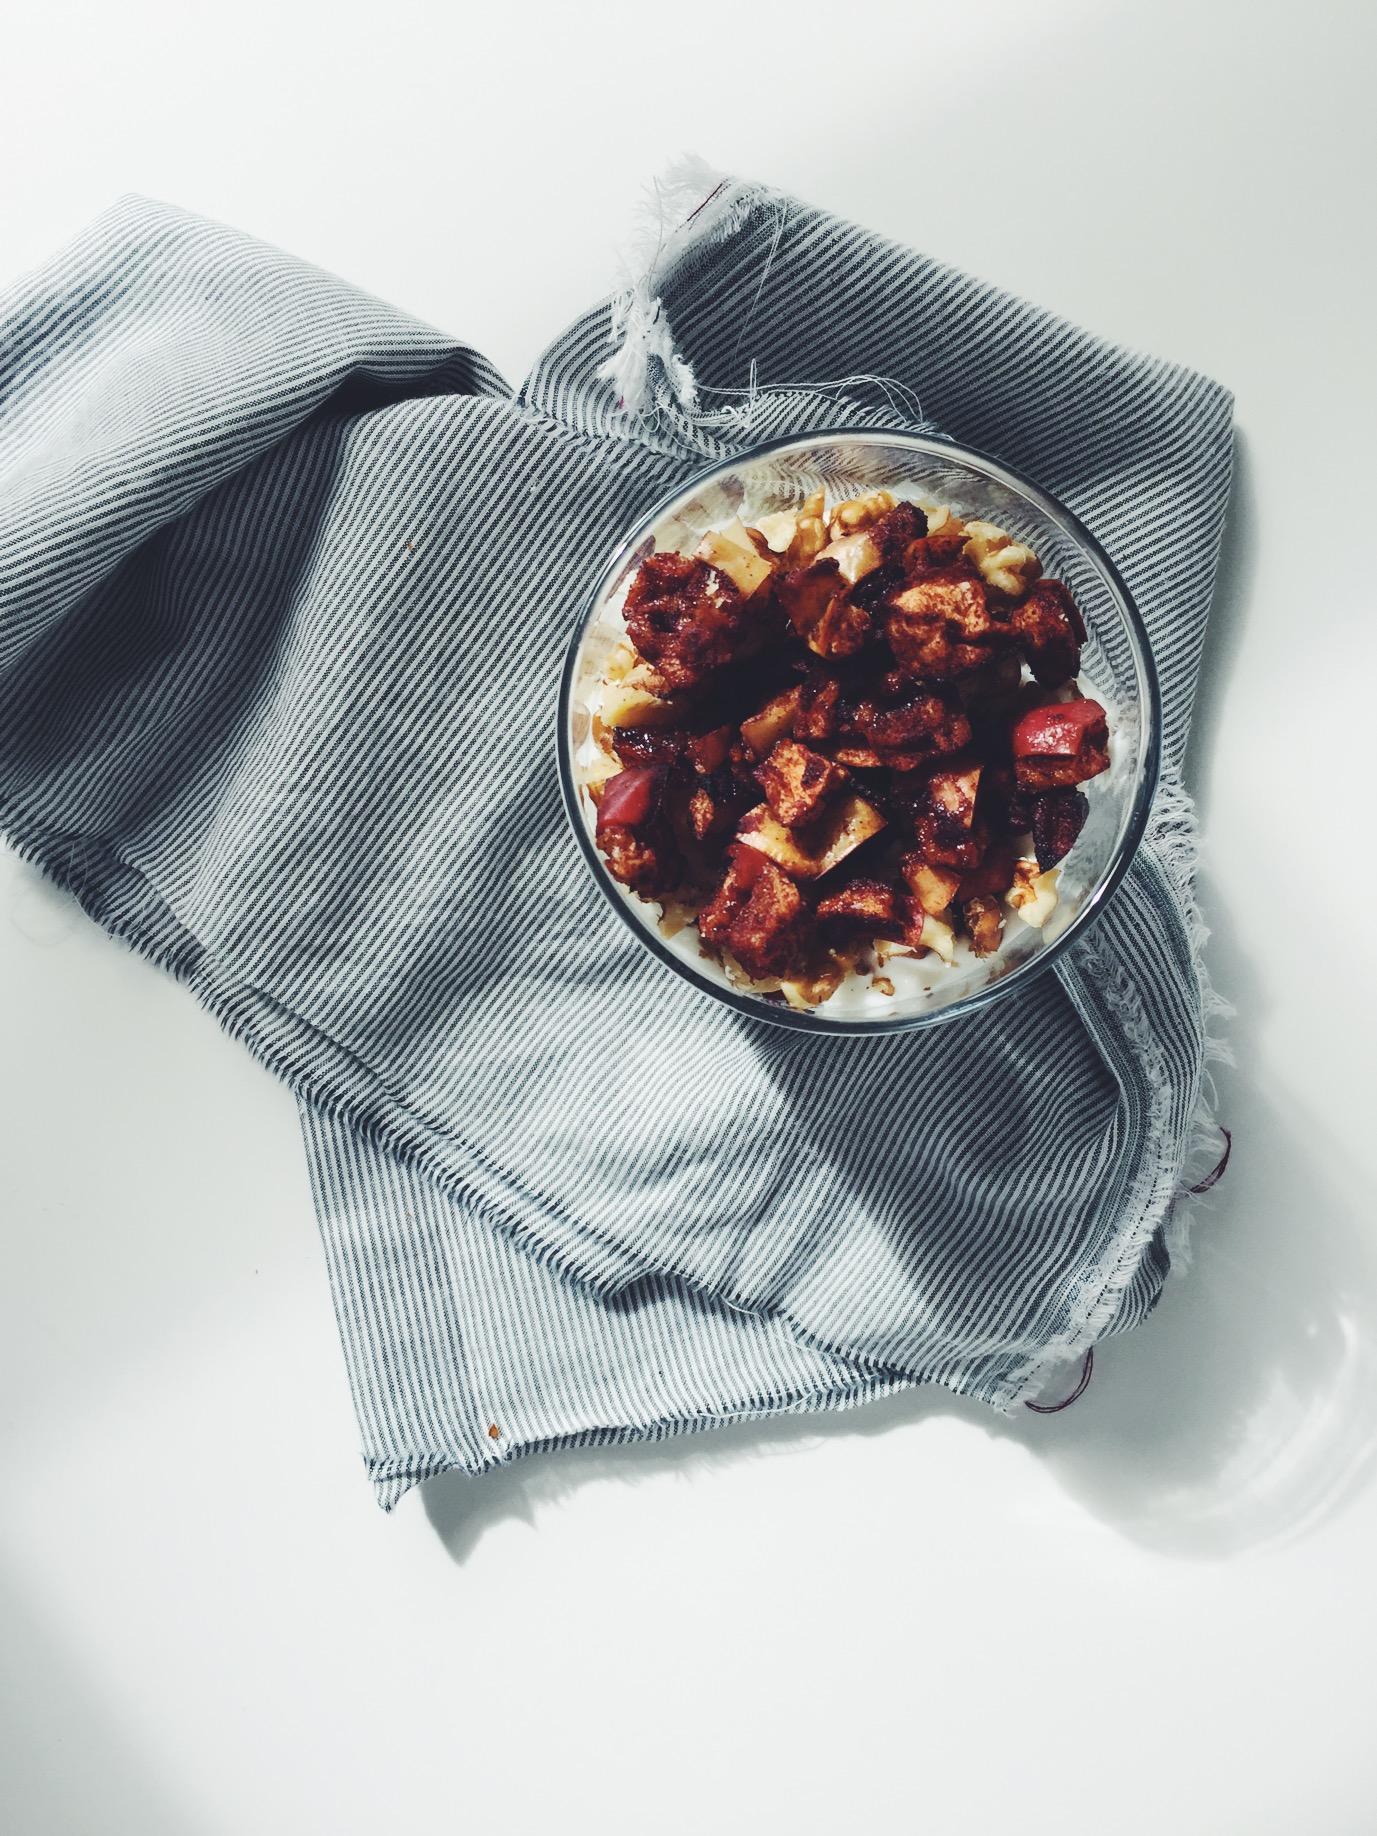 Roasted Apple + Walnut Parfait Bowls via @simplyrealhealth. Super easy and #glutenfree #breakfast!